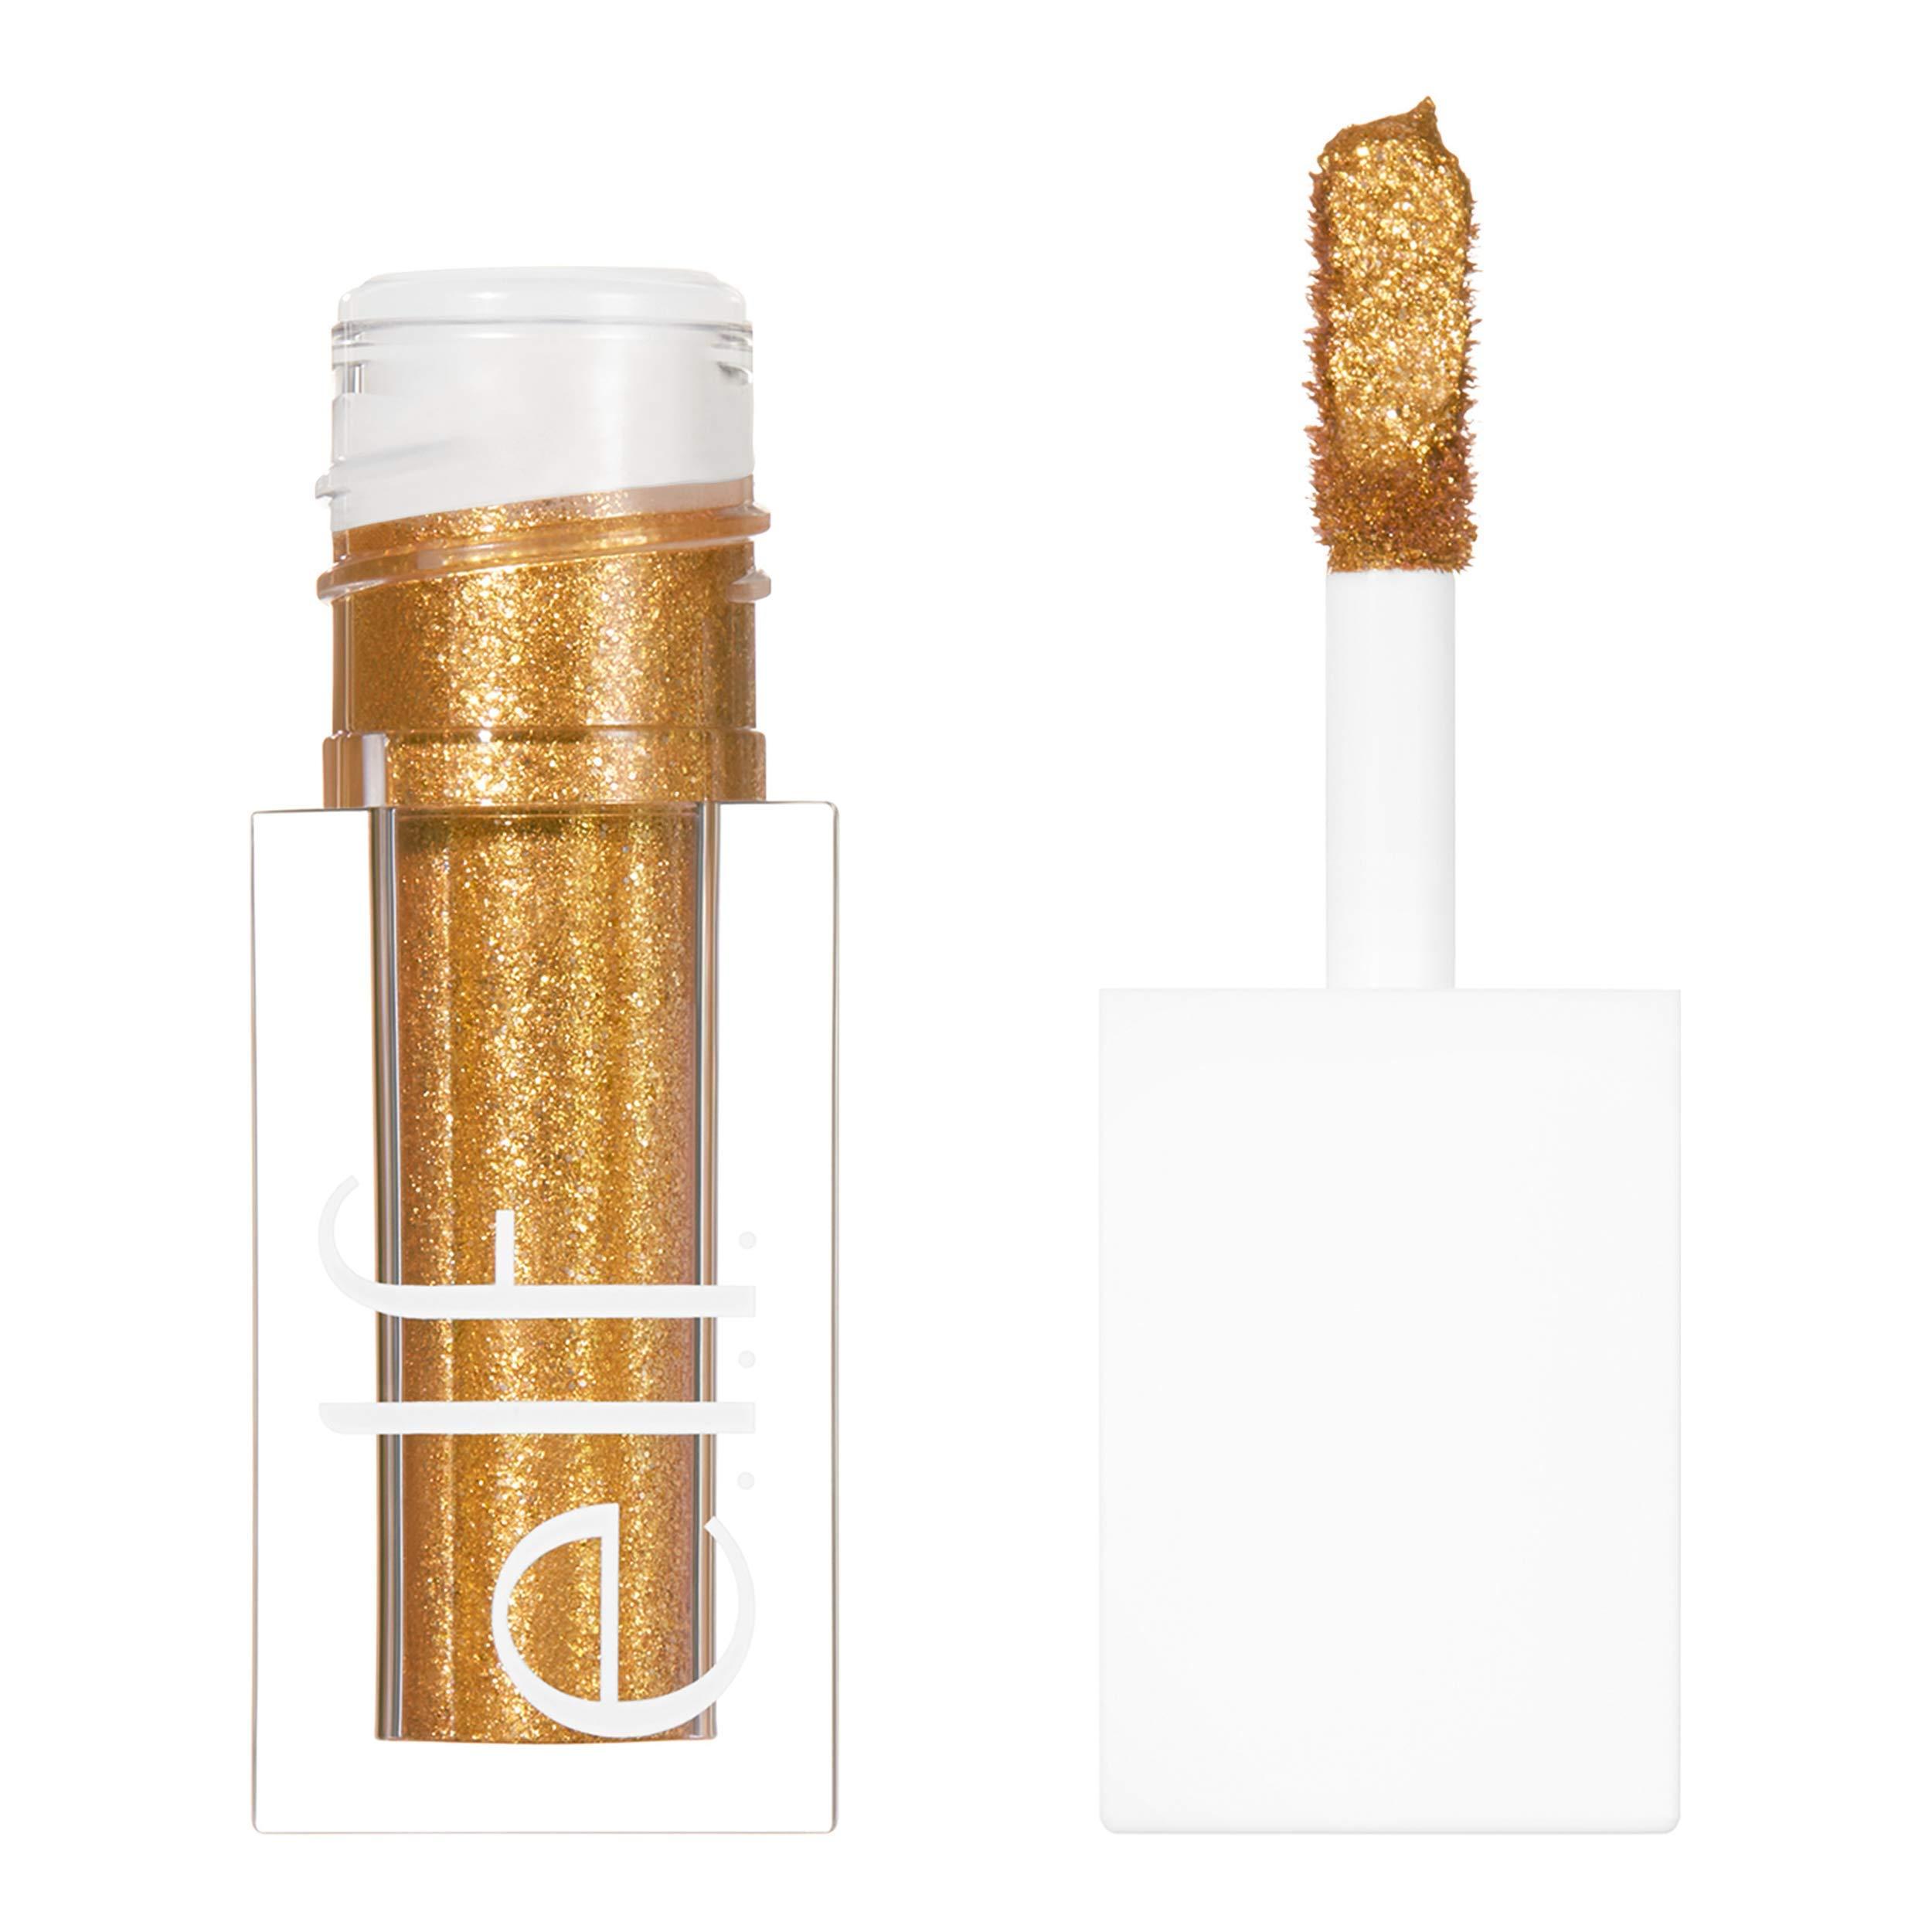 e.l.f. Cosmetics Liquid Glitter Gel Eyeshadow, 24k Gold, 0.10 Fl. Ounce, 24K Gold, 0.10 Fl Ounce